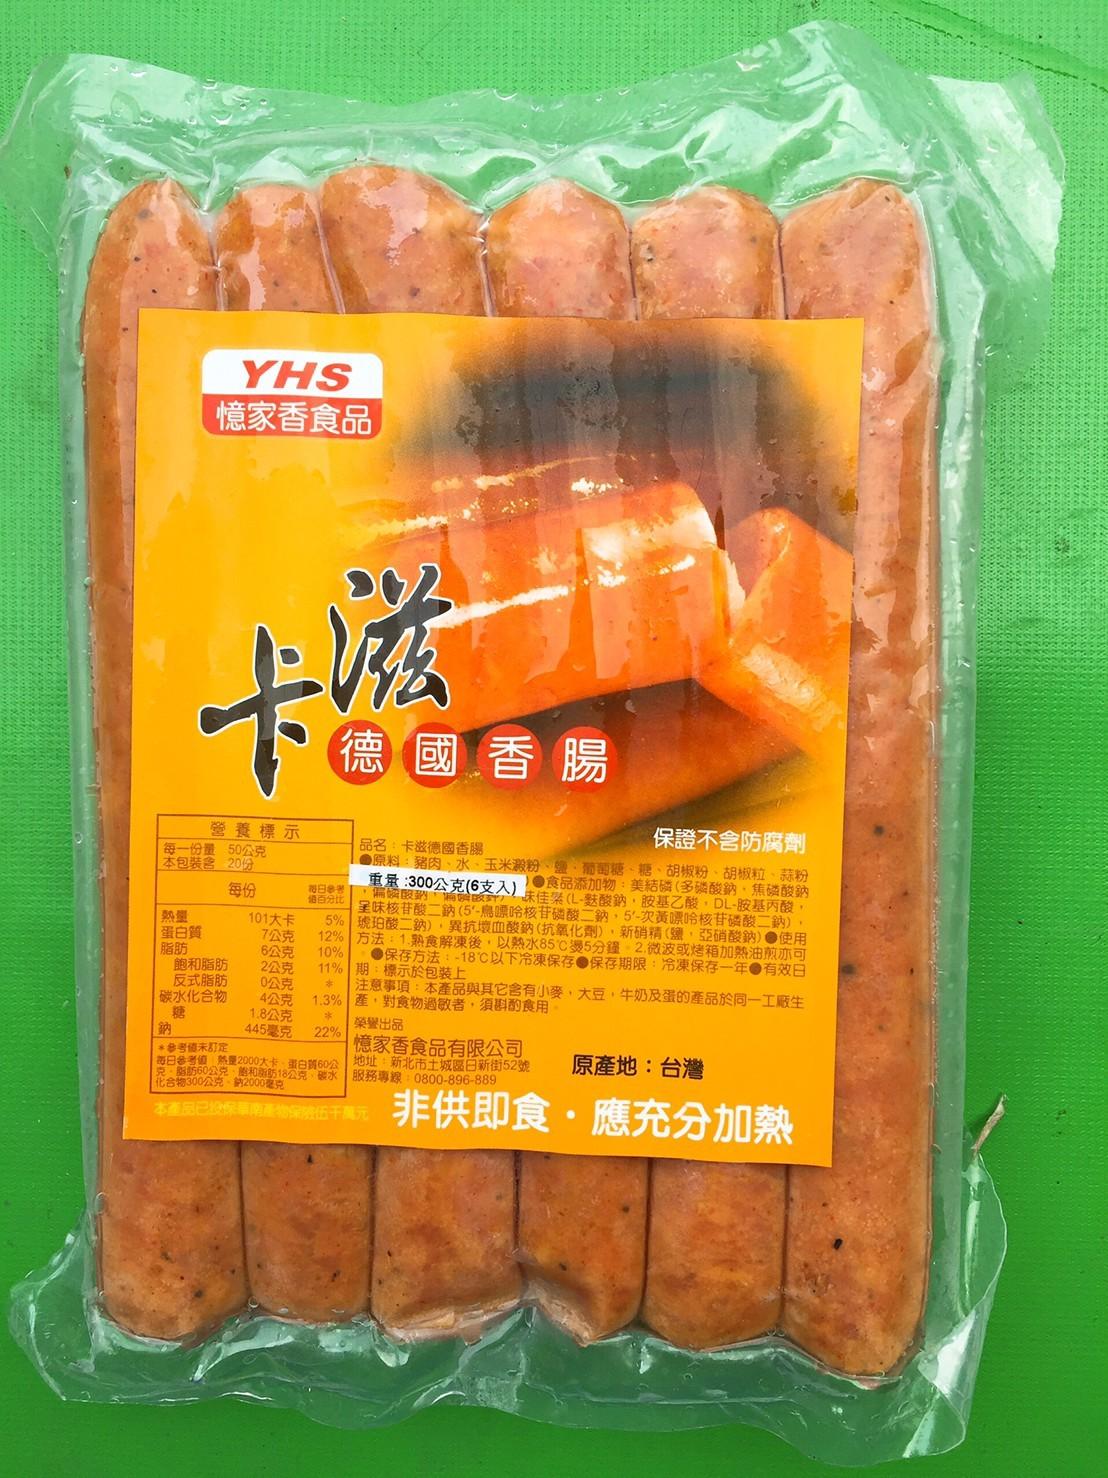 憶家香 卡滋德國香腸 ( 300g )